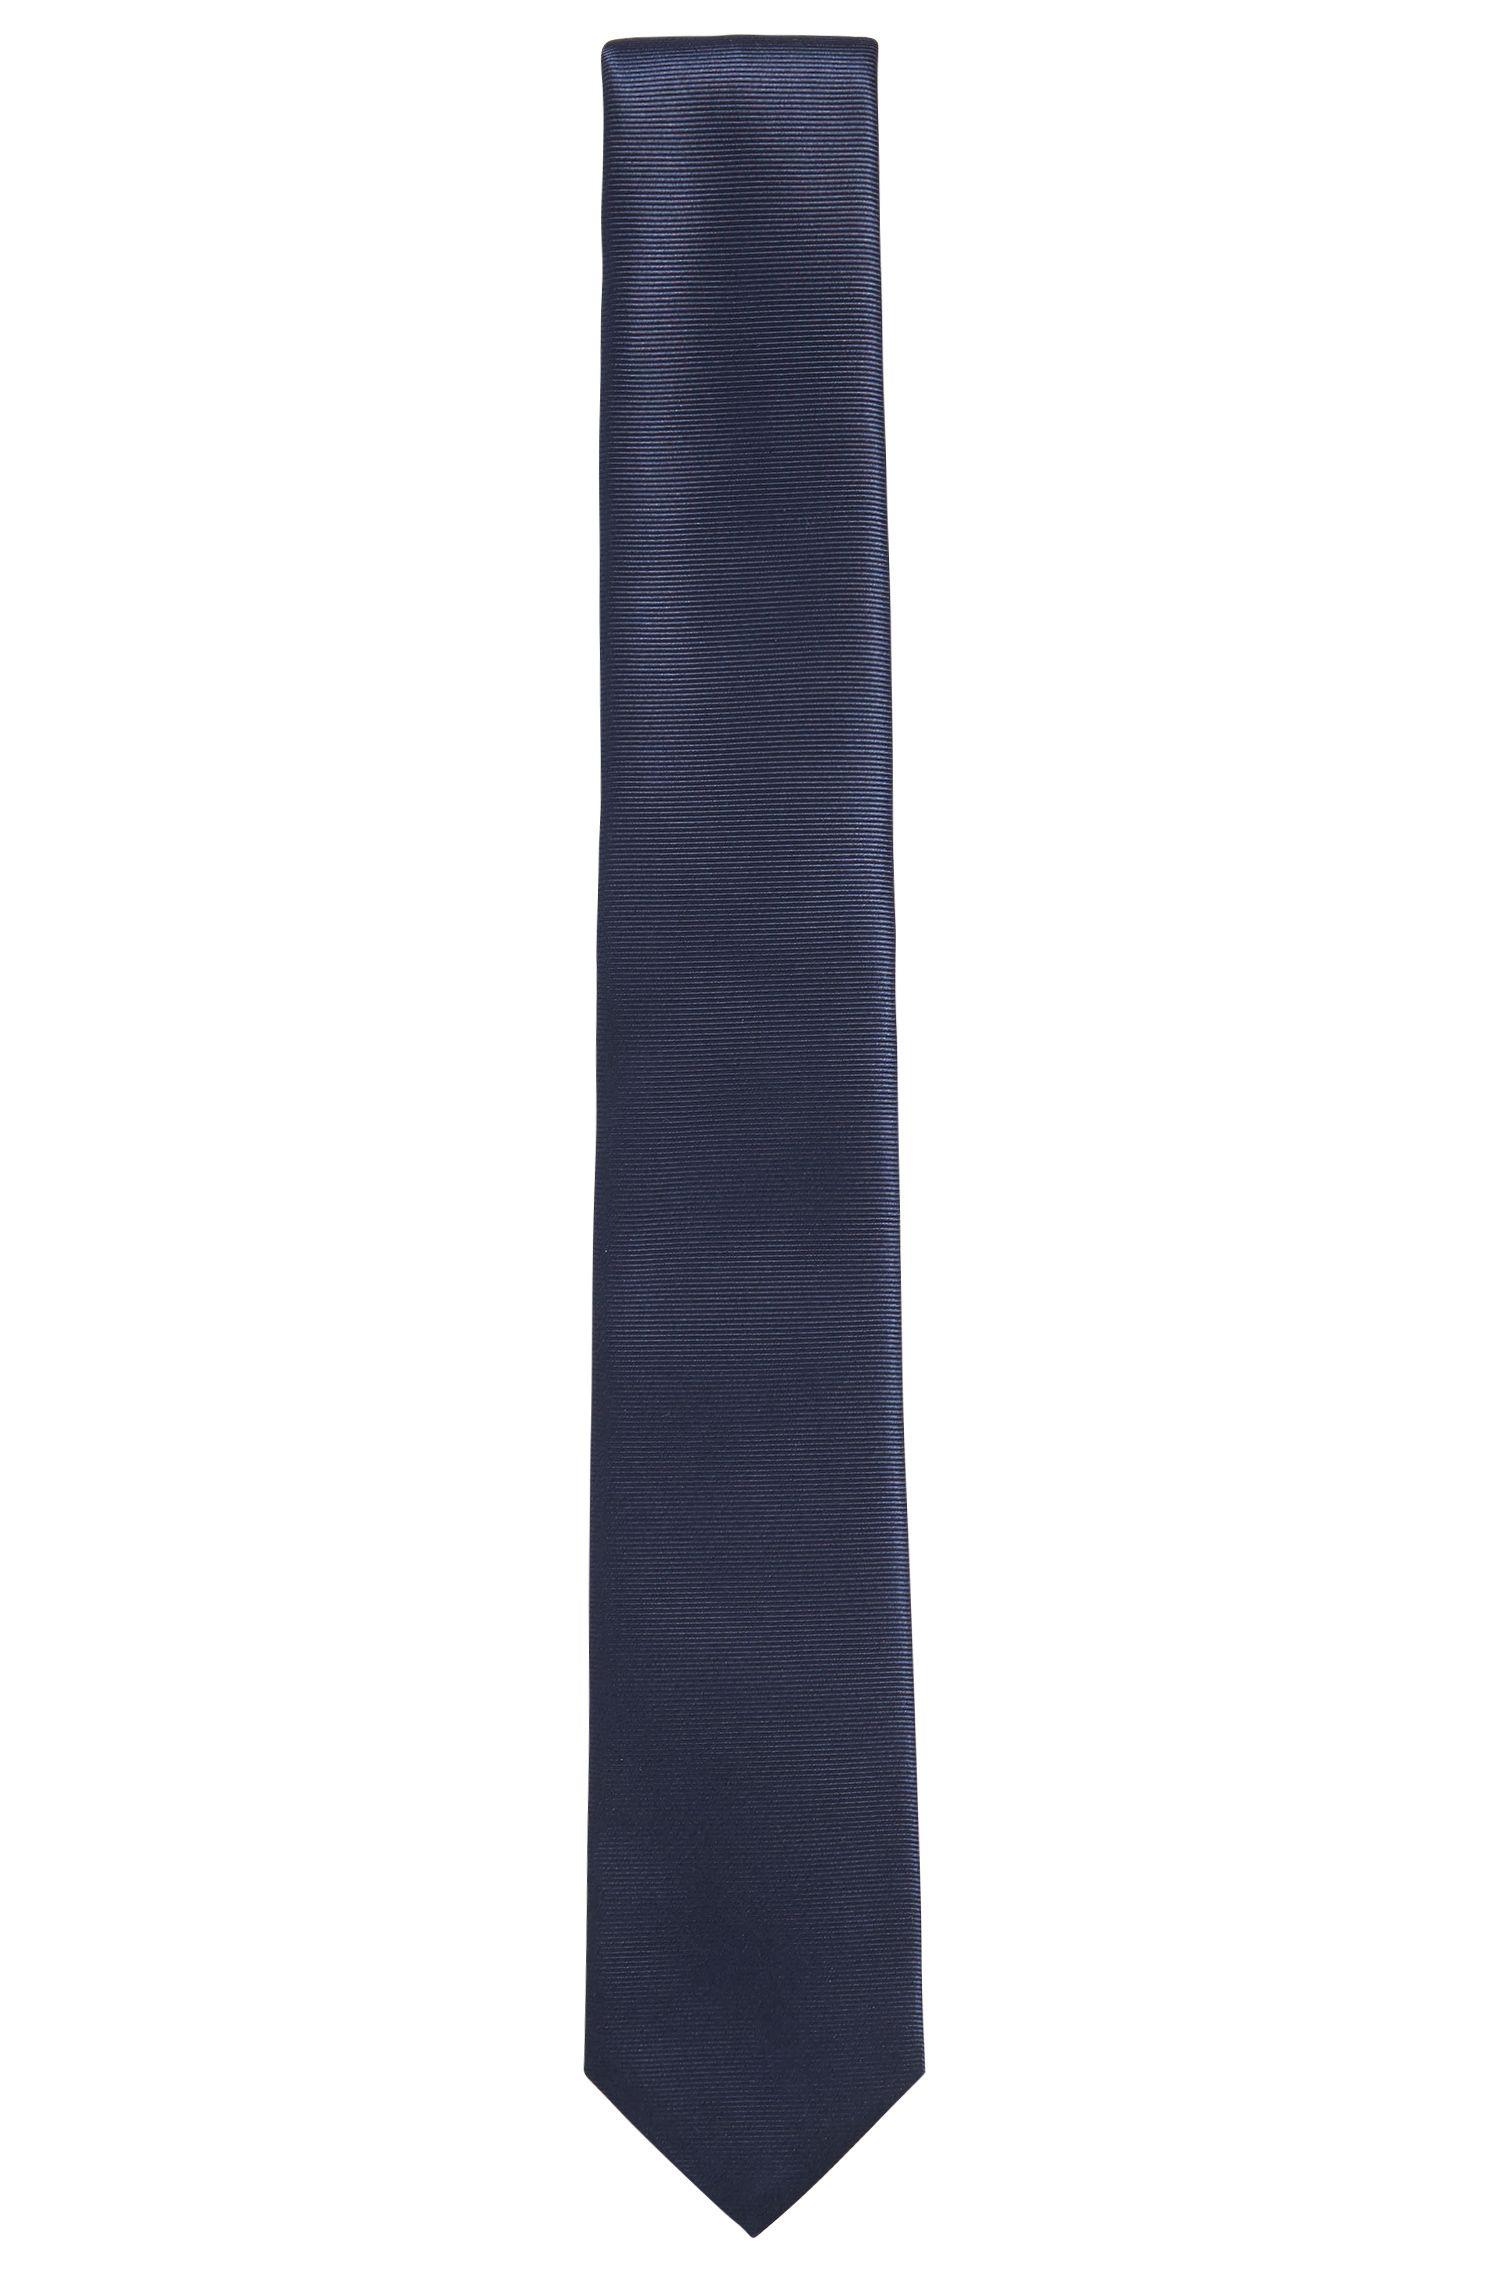 Corbata de seda de la línea Tailored con textura fina: 'T-Tie 6cm'